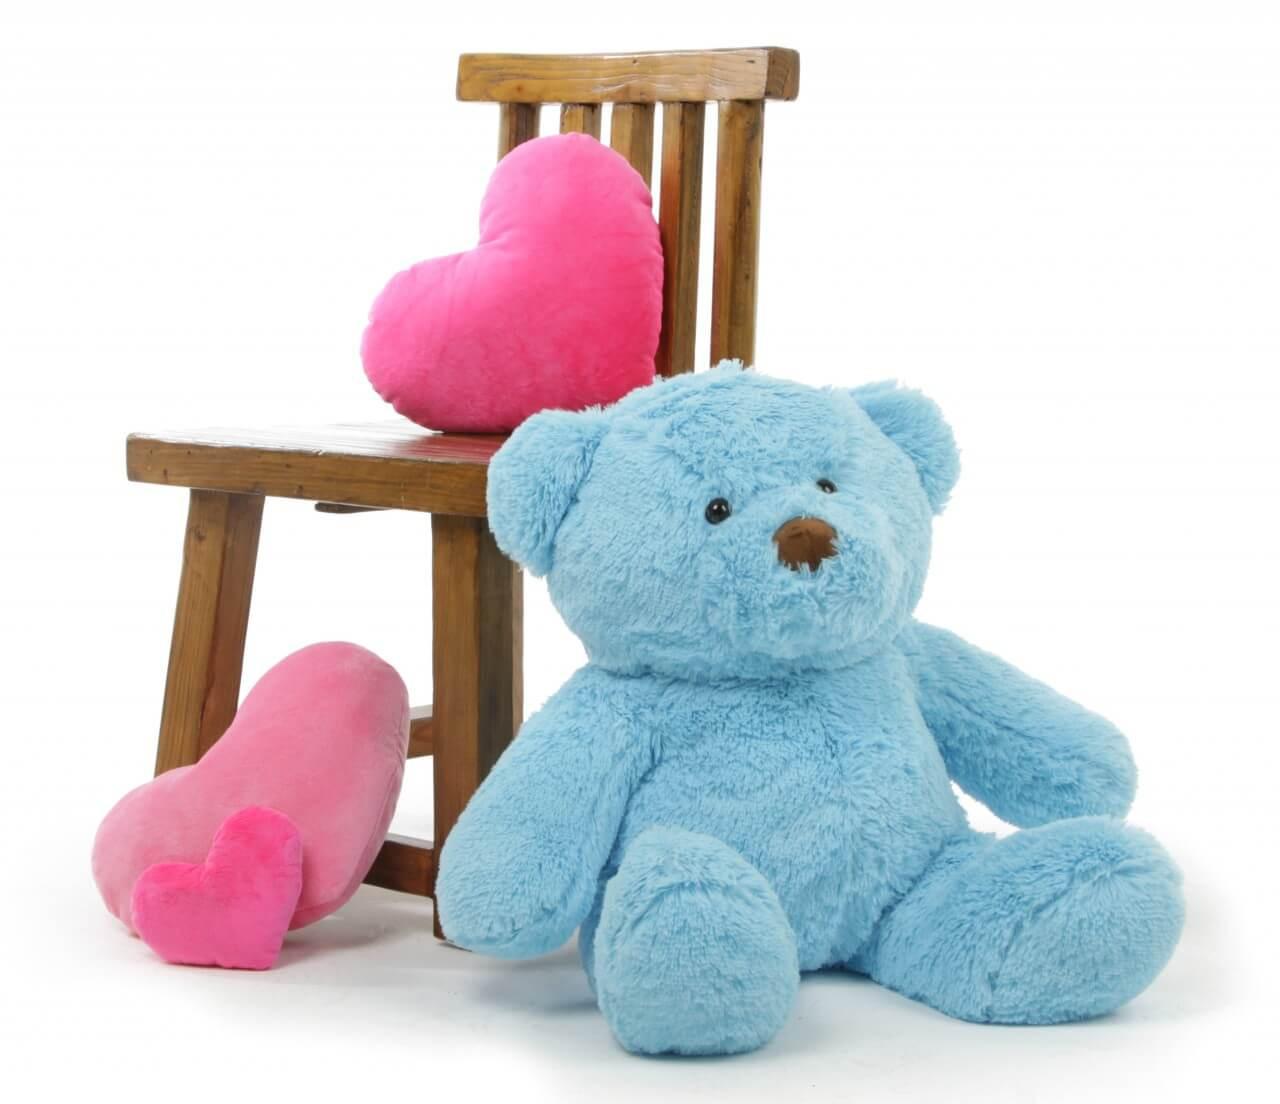 Sammy Chubs Extra Plump and Adorable Sky Blue Teddy Bear 24in